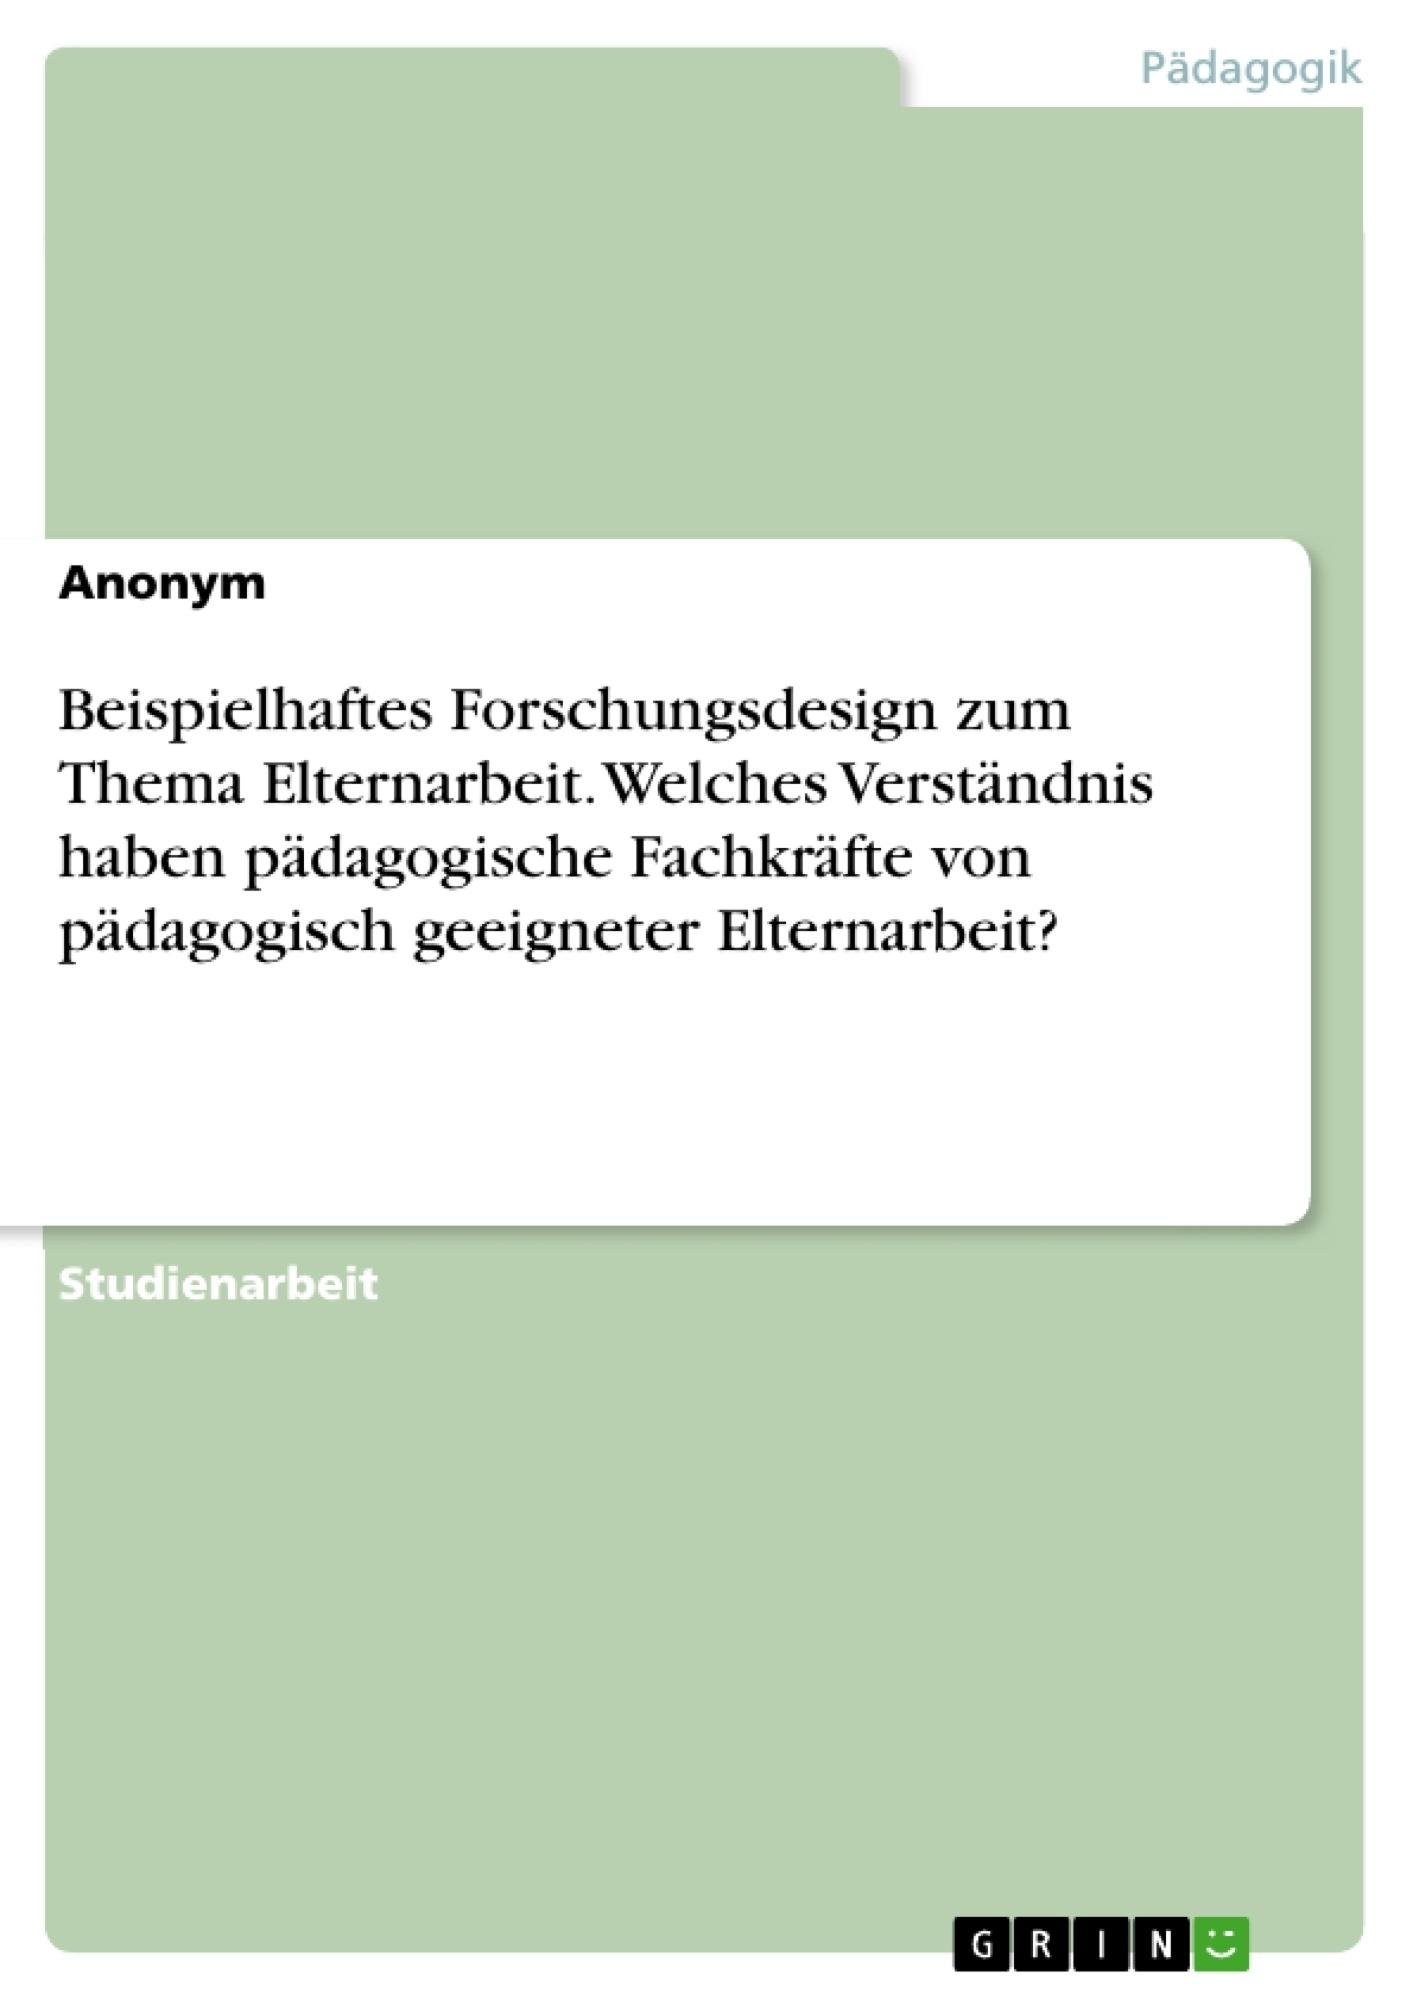 Titel: Beispielhaftes Forschungsdesign zum Thema Elternarbeit. Welches Verständnis haben pädagogische Fachkräfte von pädagogisch geeigneter Elternarbeit?